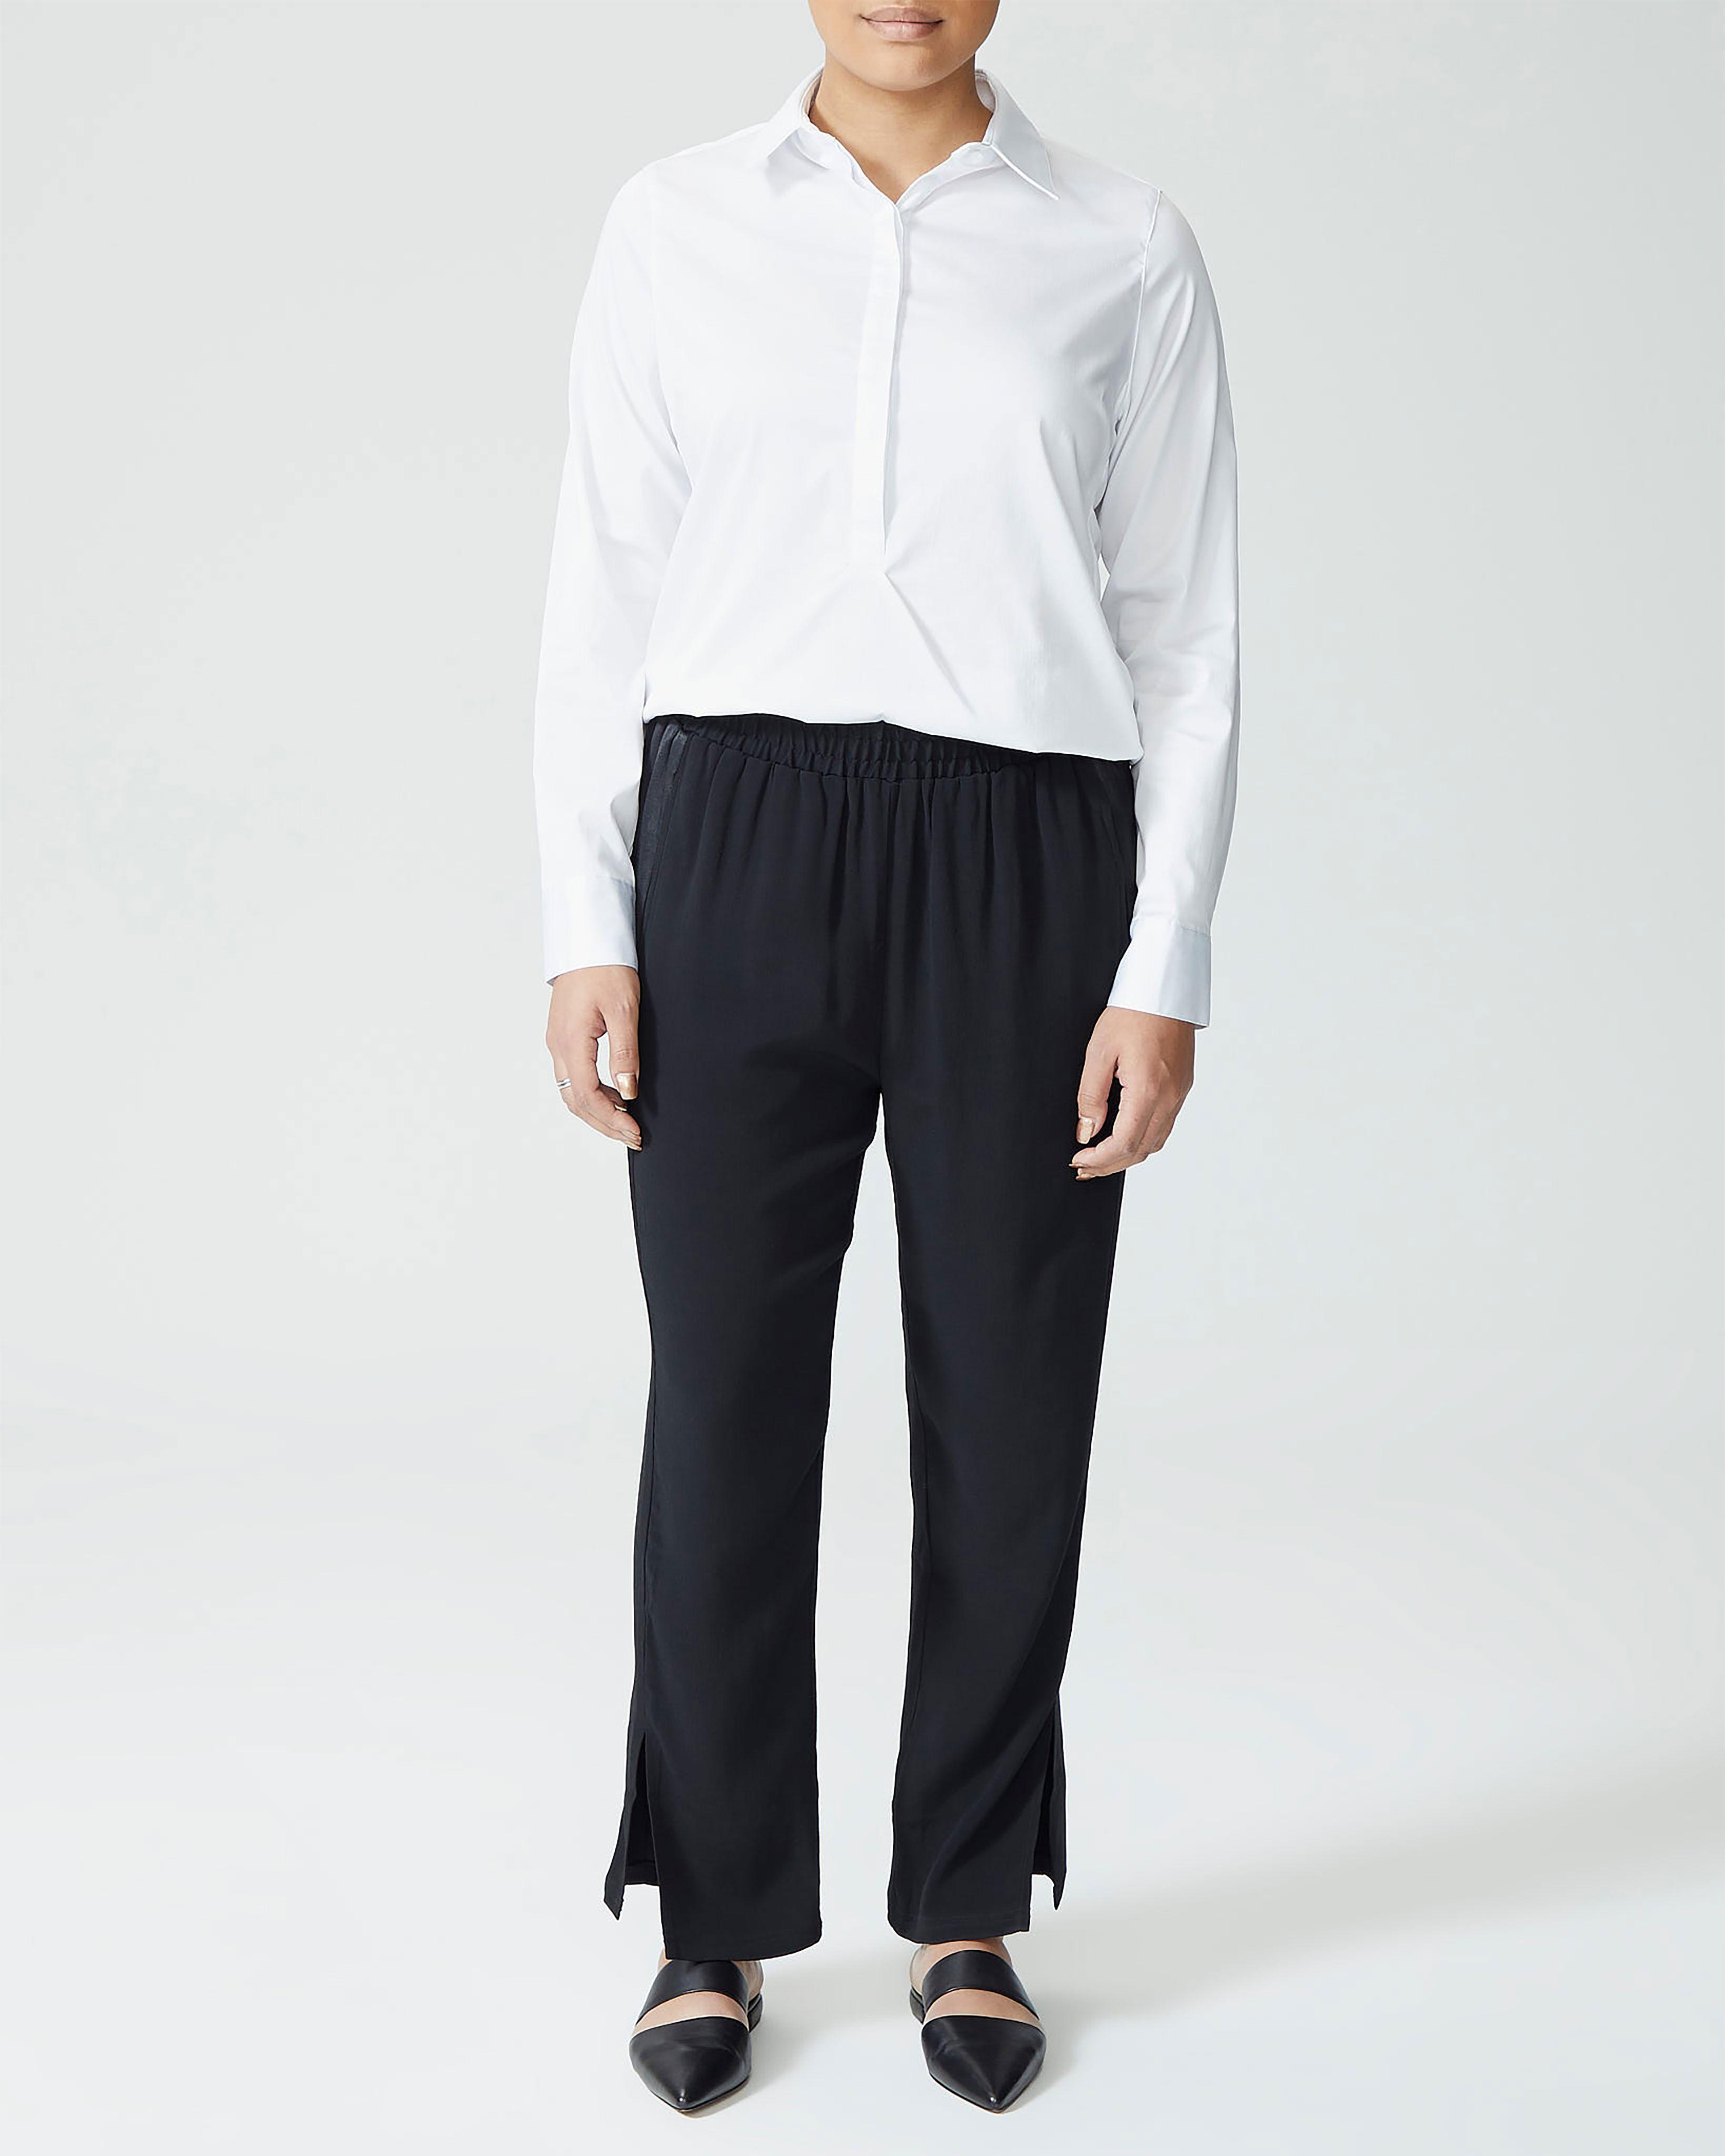 Elbe Shirt - Black